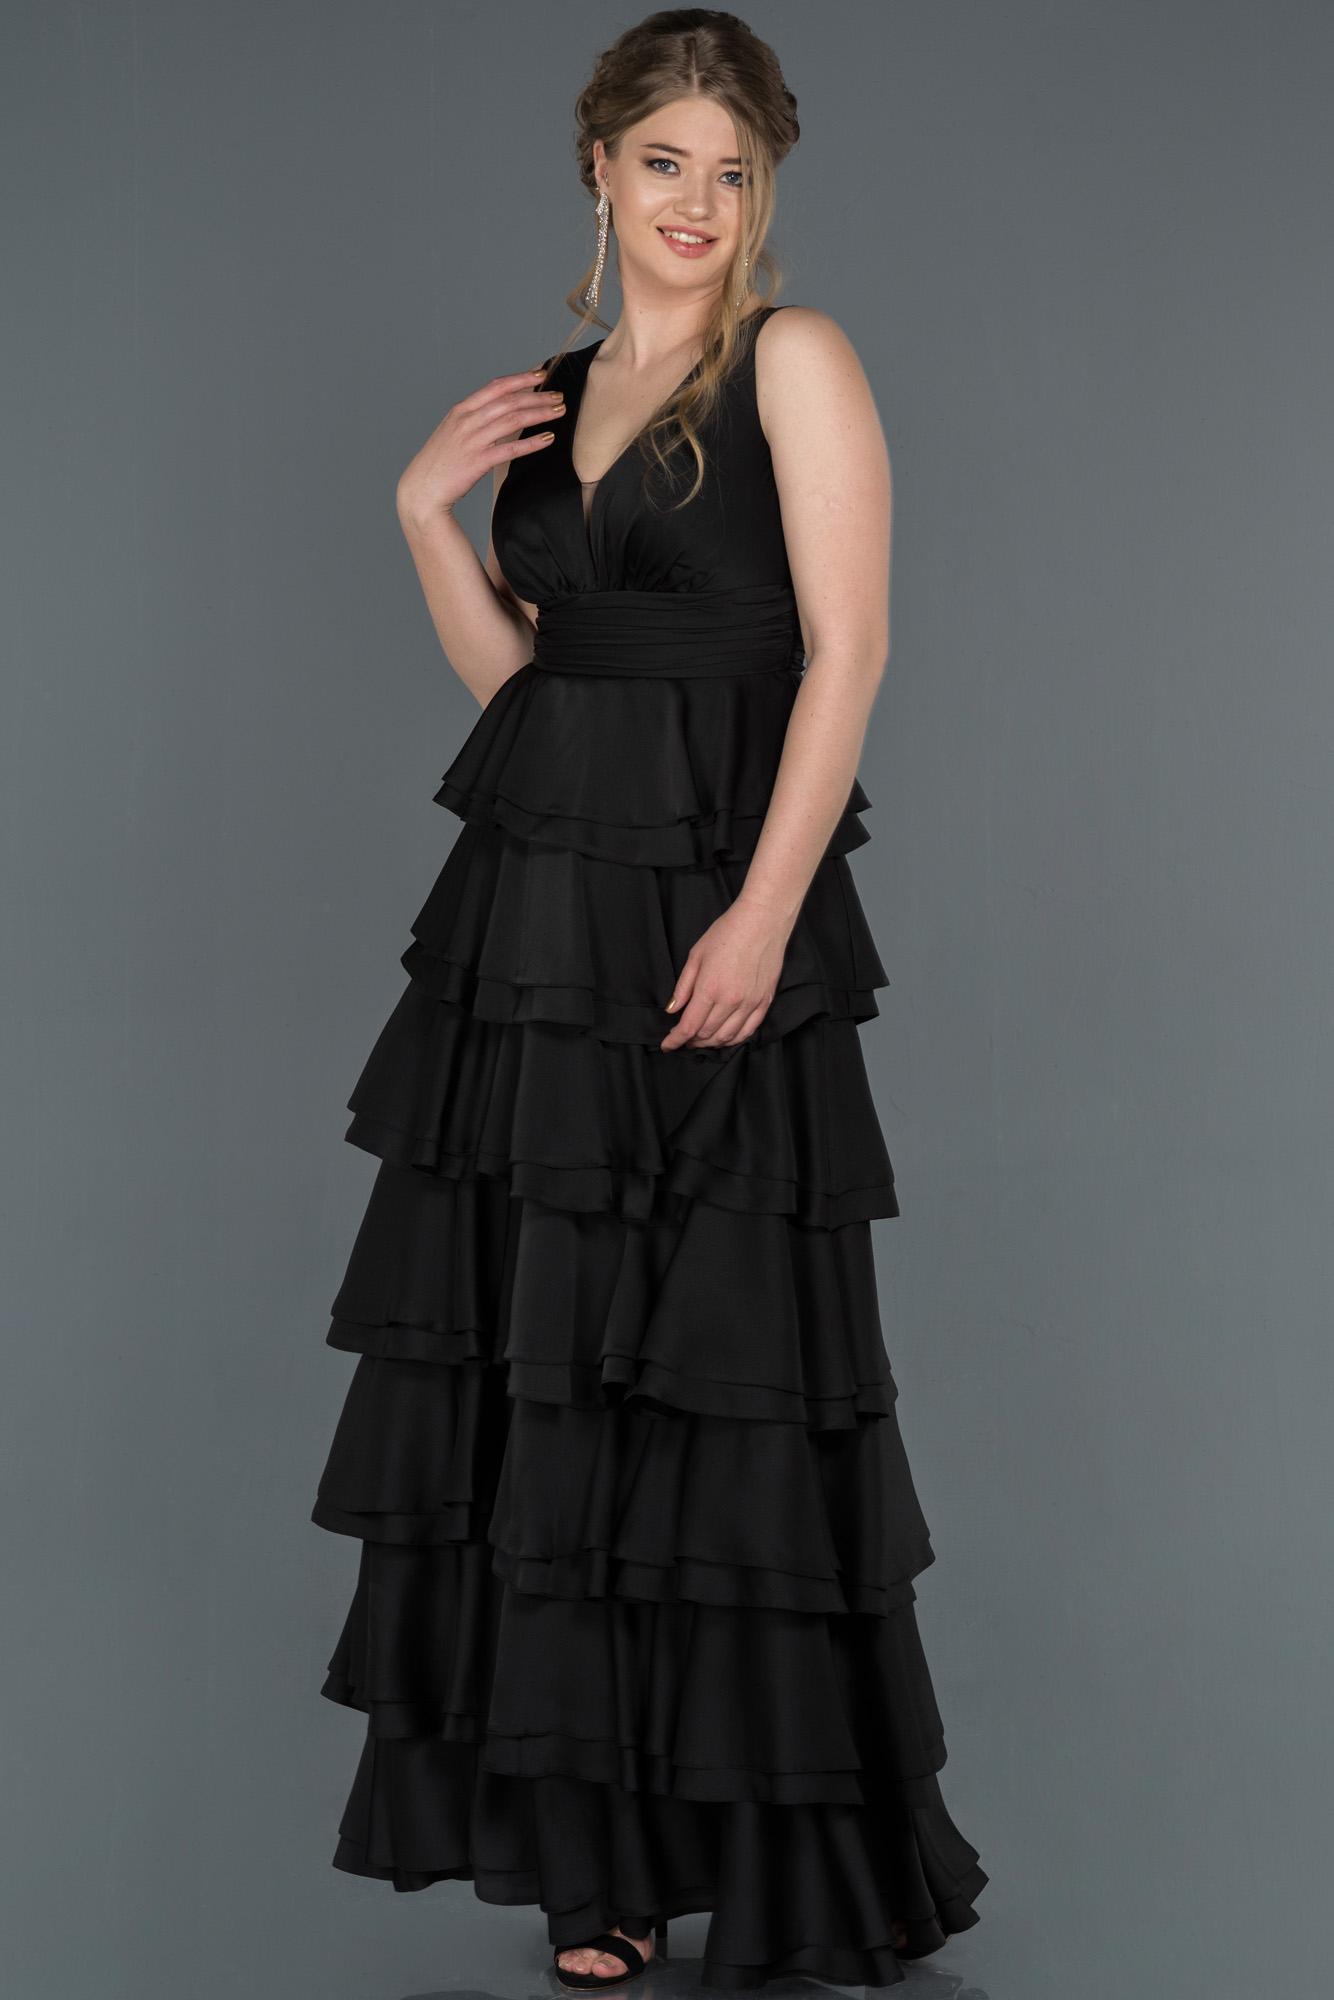 Siyah V Yaka Etekleri Katlı Saten Abiye Elbise